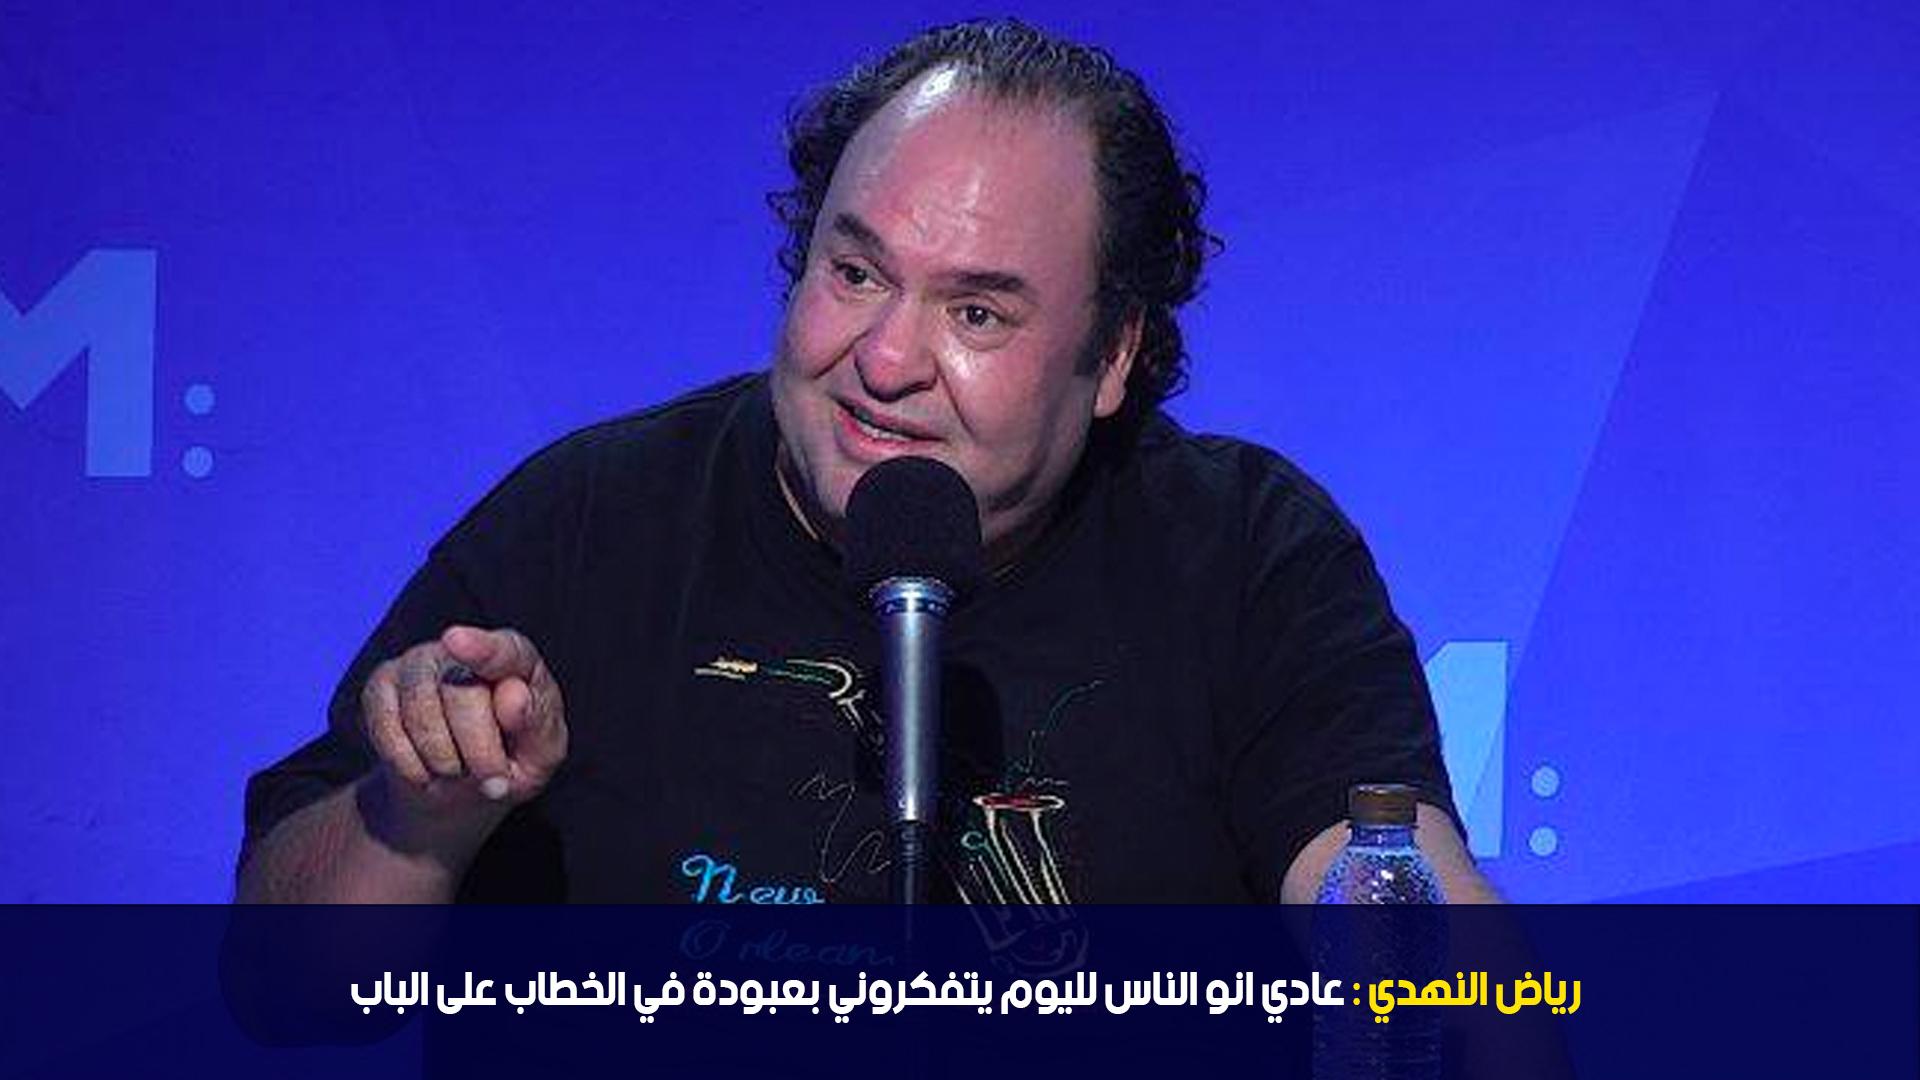 رياض النهدي: عادي انو الناس لليوم يتفكروني بعبودة في الخطاب على الباب